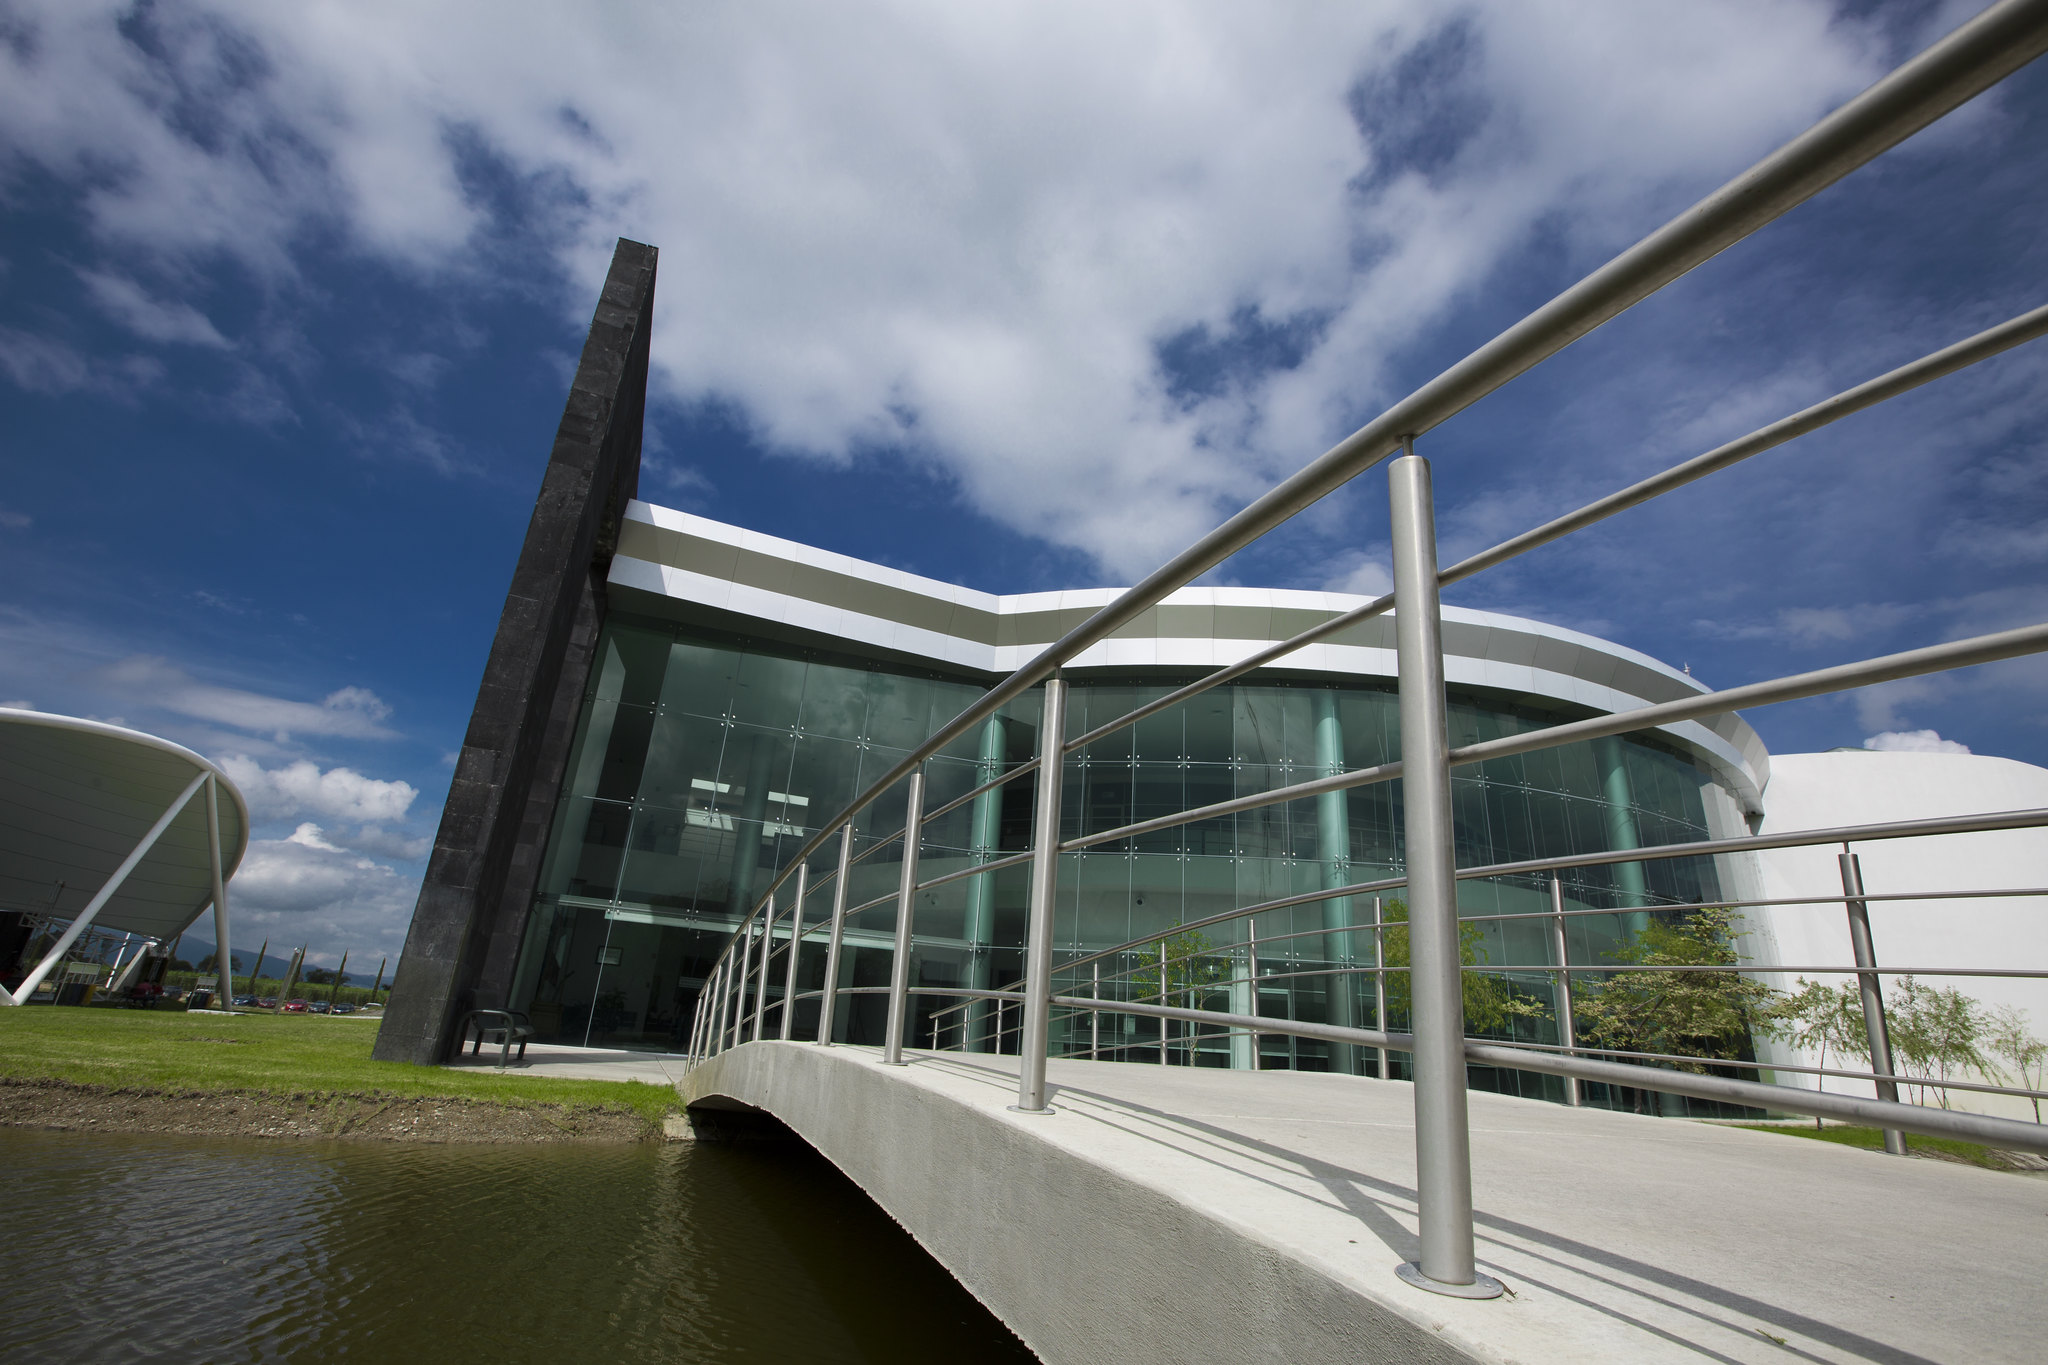 Edificio Académico del CUValles, sede de las Divisiones y Departamentos académicos